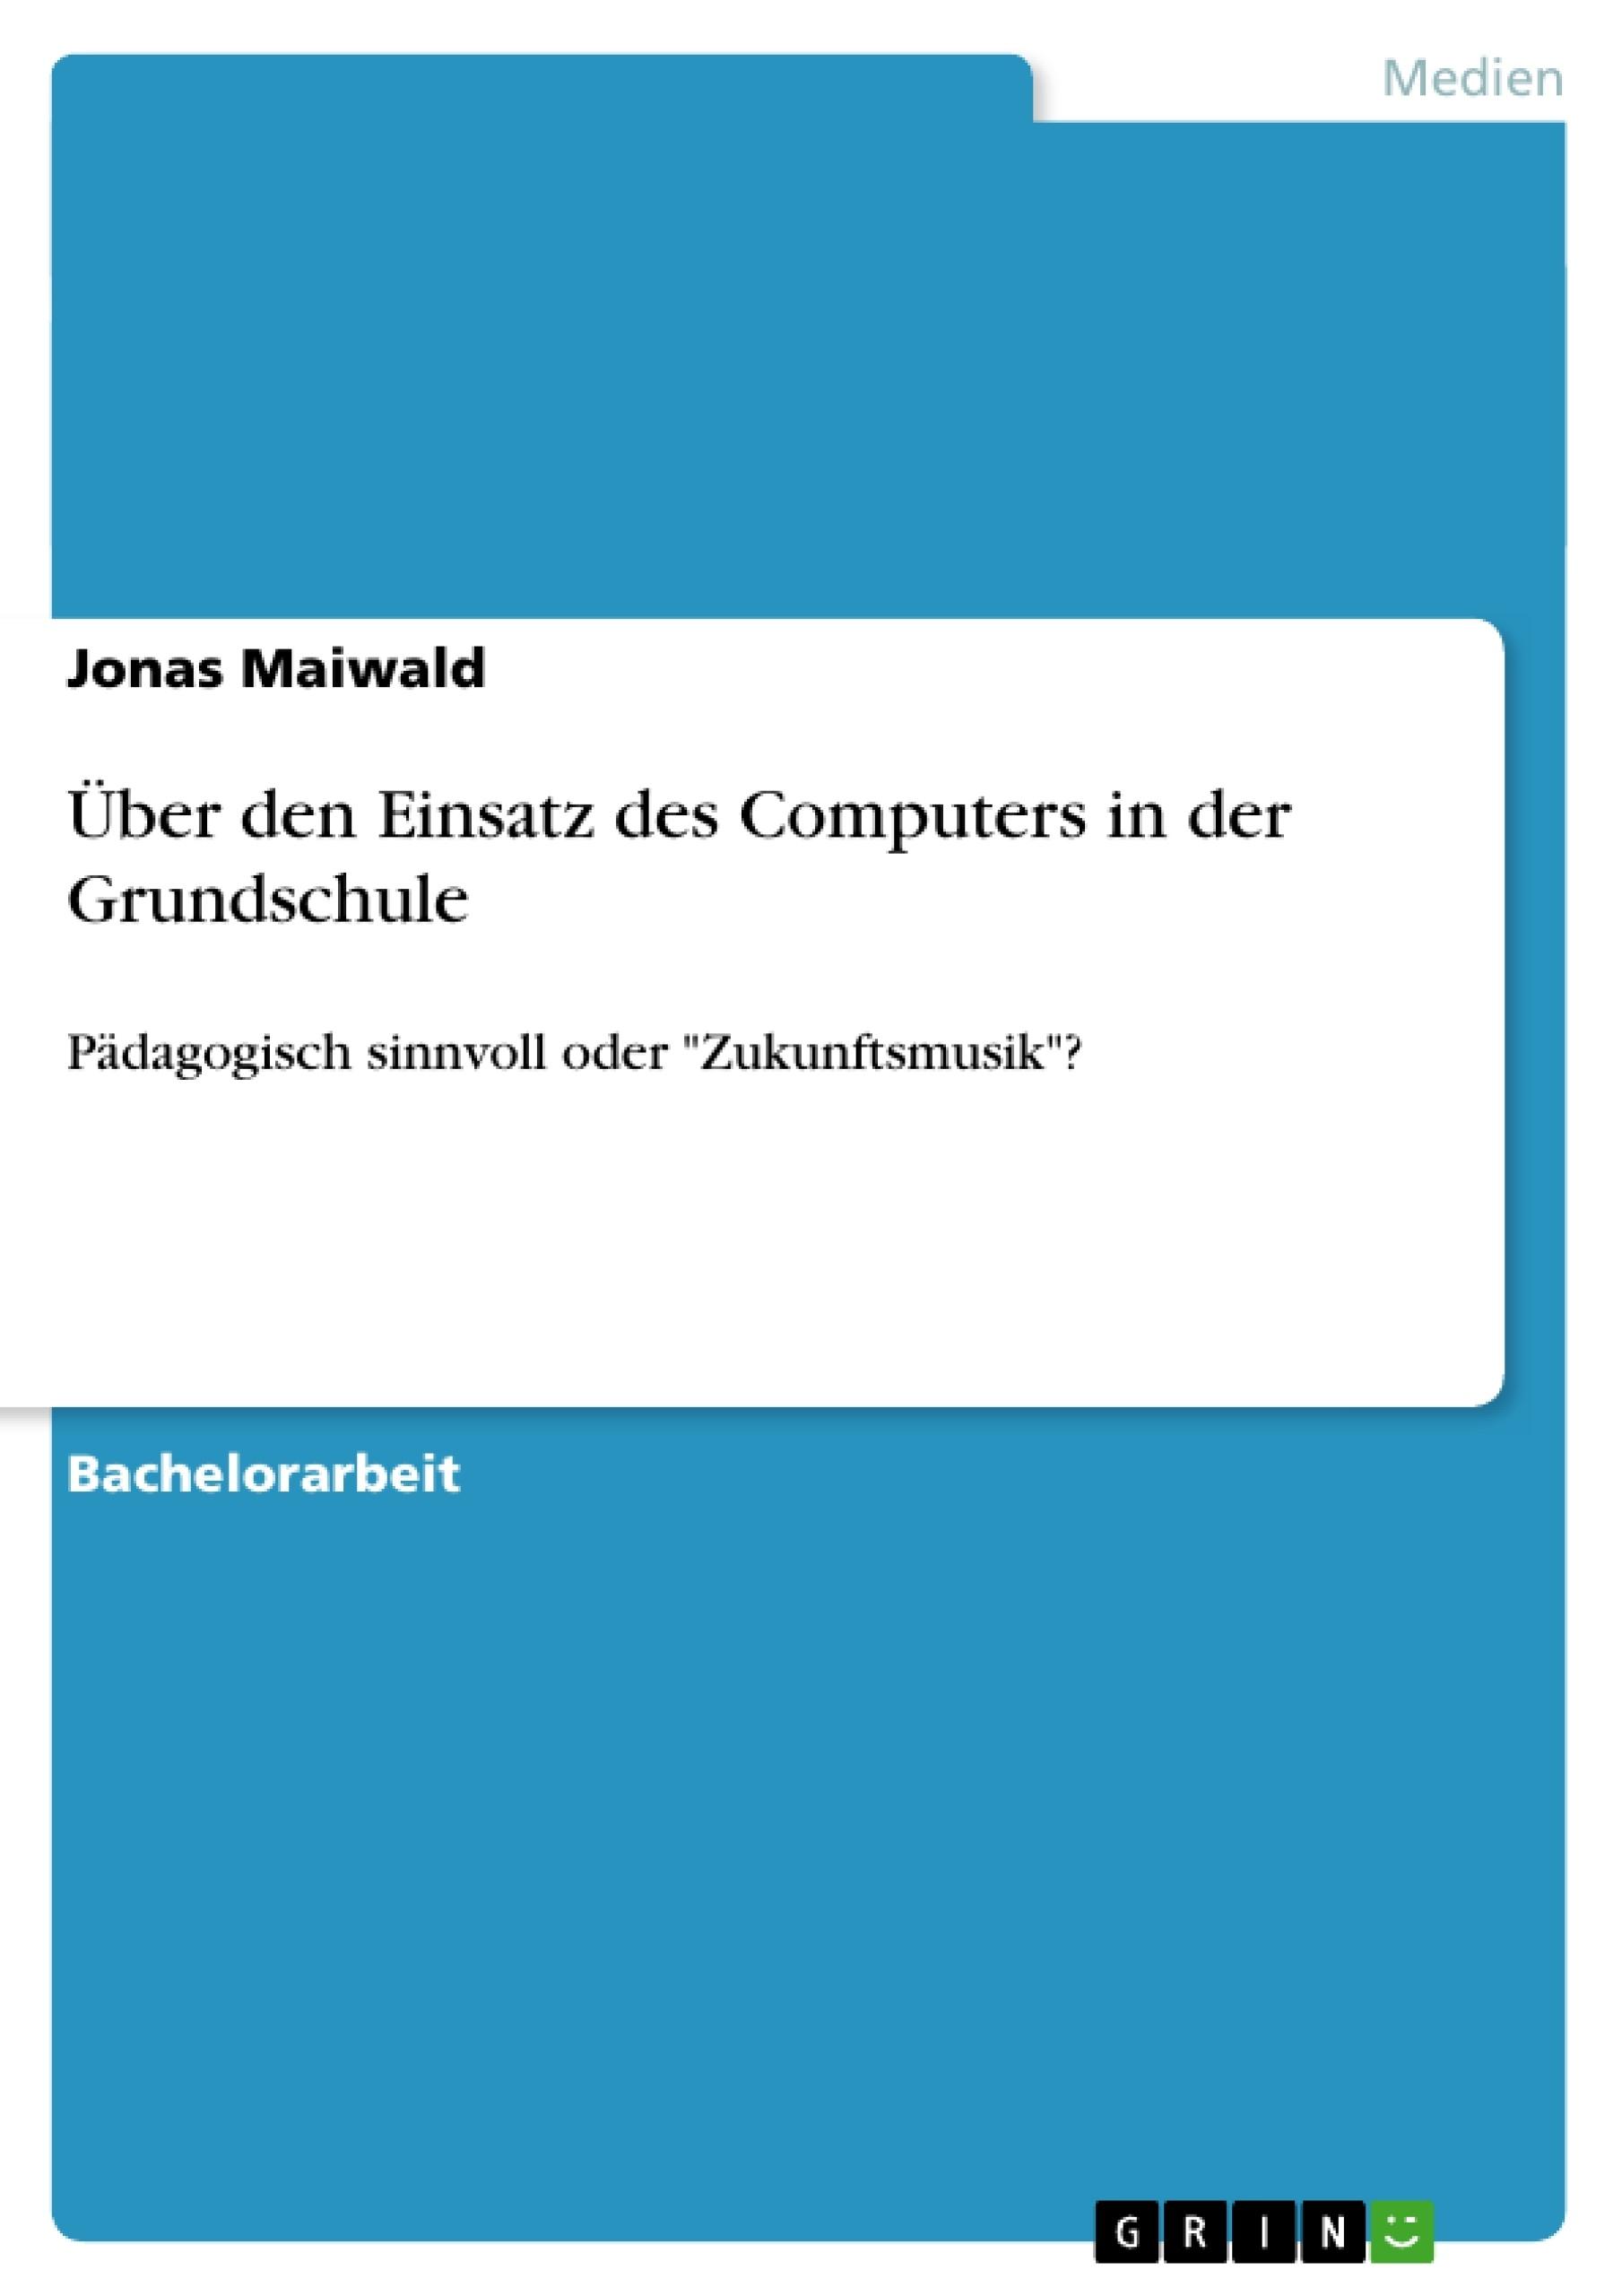 Titel: Über den Einsatz des Computers in der Grundschule